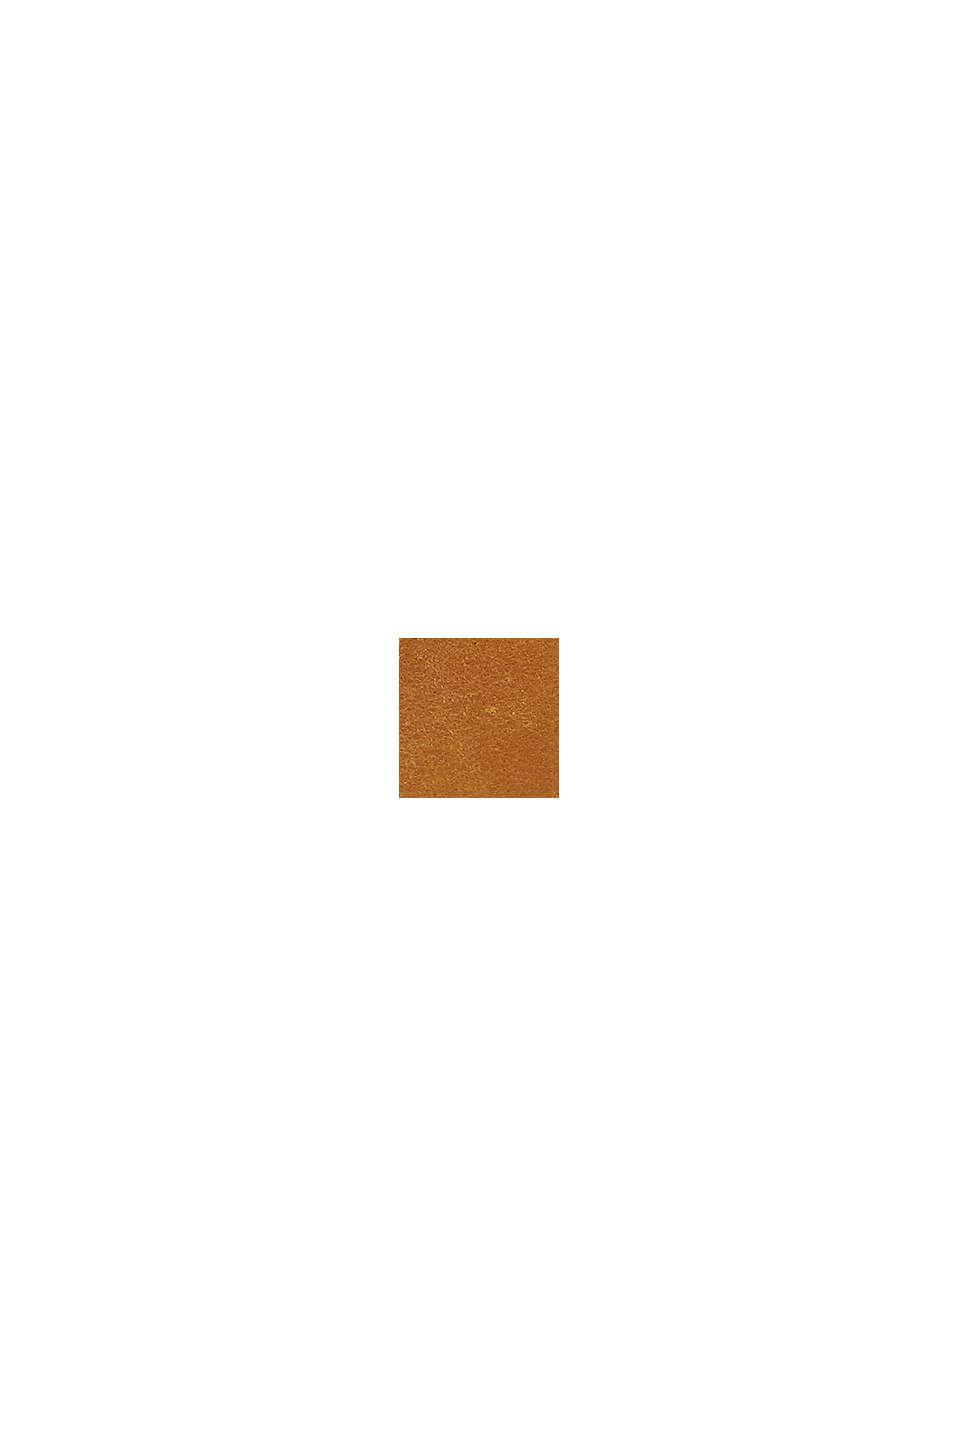 Gürtel mit matter Oberfläche, aus Leder, RUST BROWN, swatch